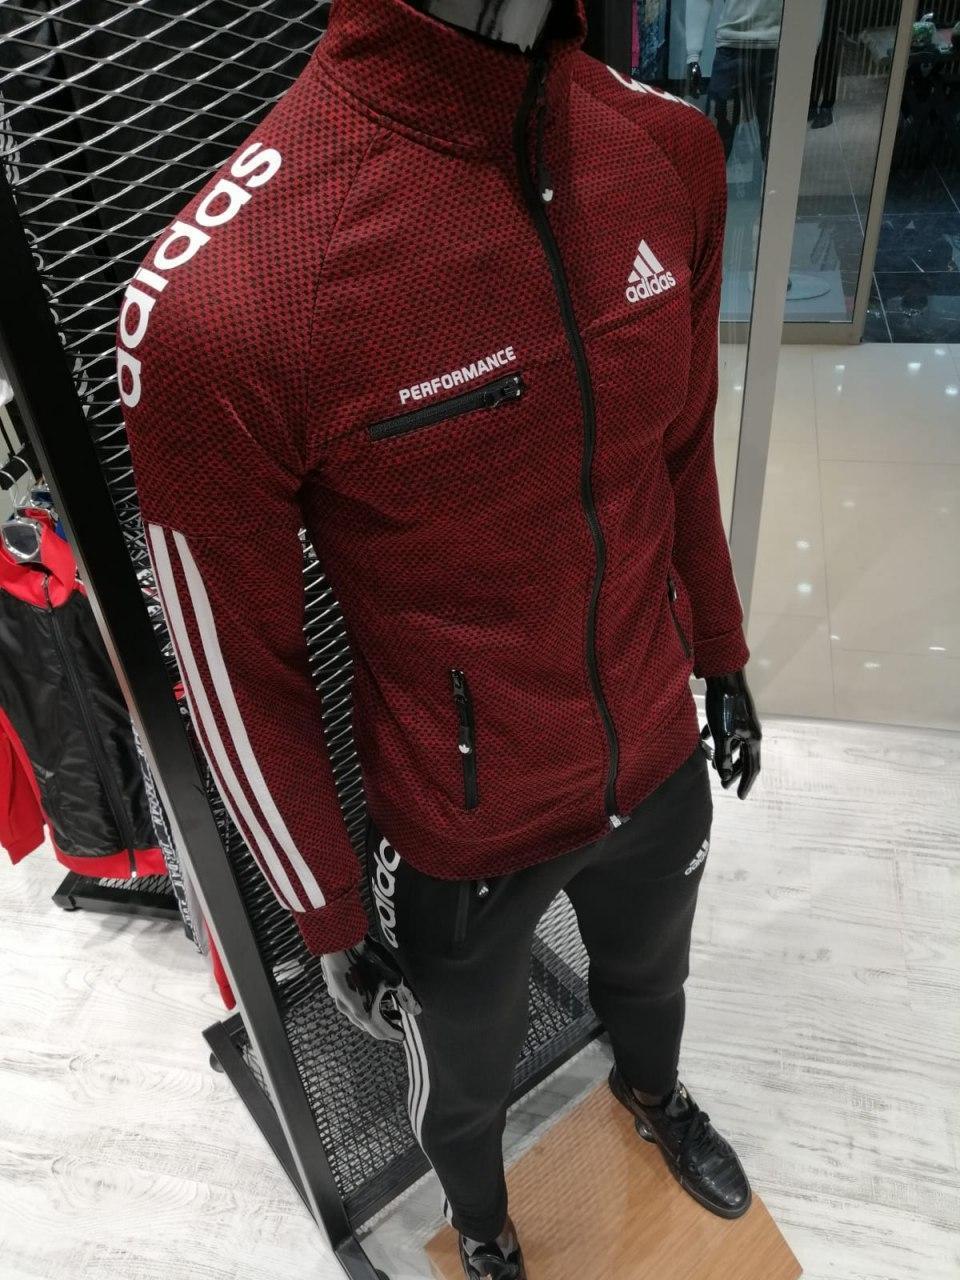 Спортивный костюм Adidas Perfomance (красный)